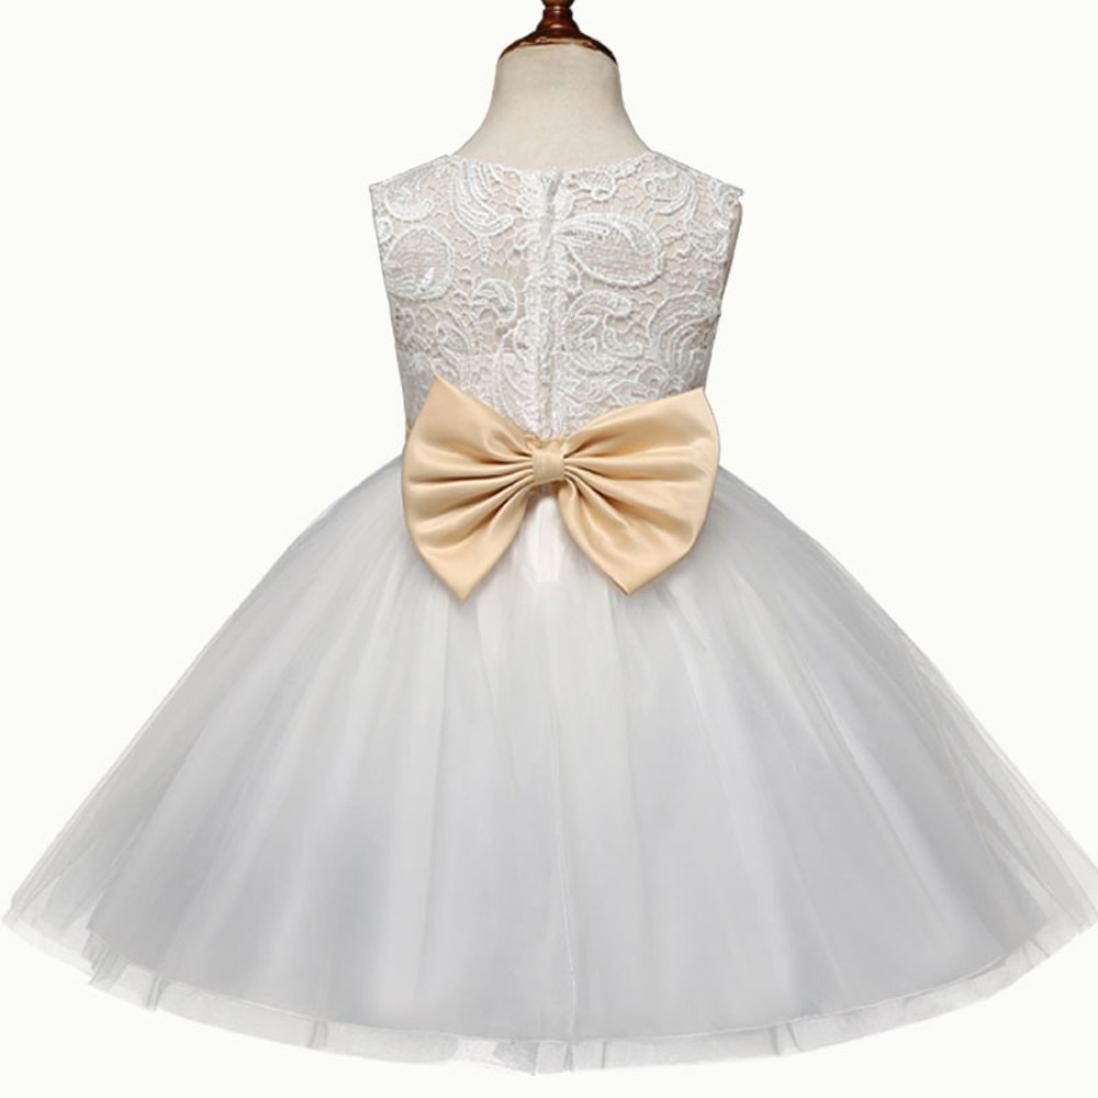 Vestido de fiesta para niñas Vestido de dama de honor de flores vestido de niña de la princesa Vestido de fiesta formal de dama de honor de boda Vestido de ...